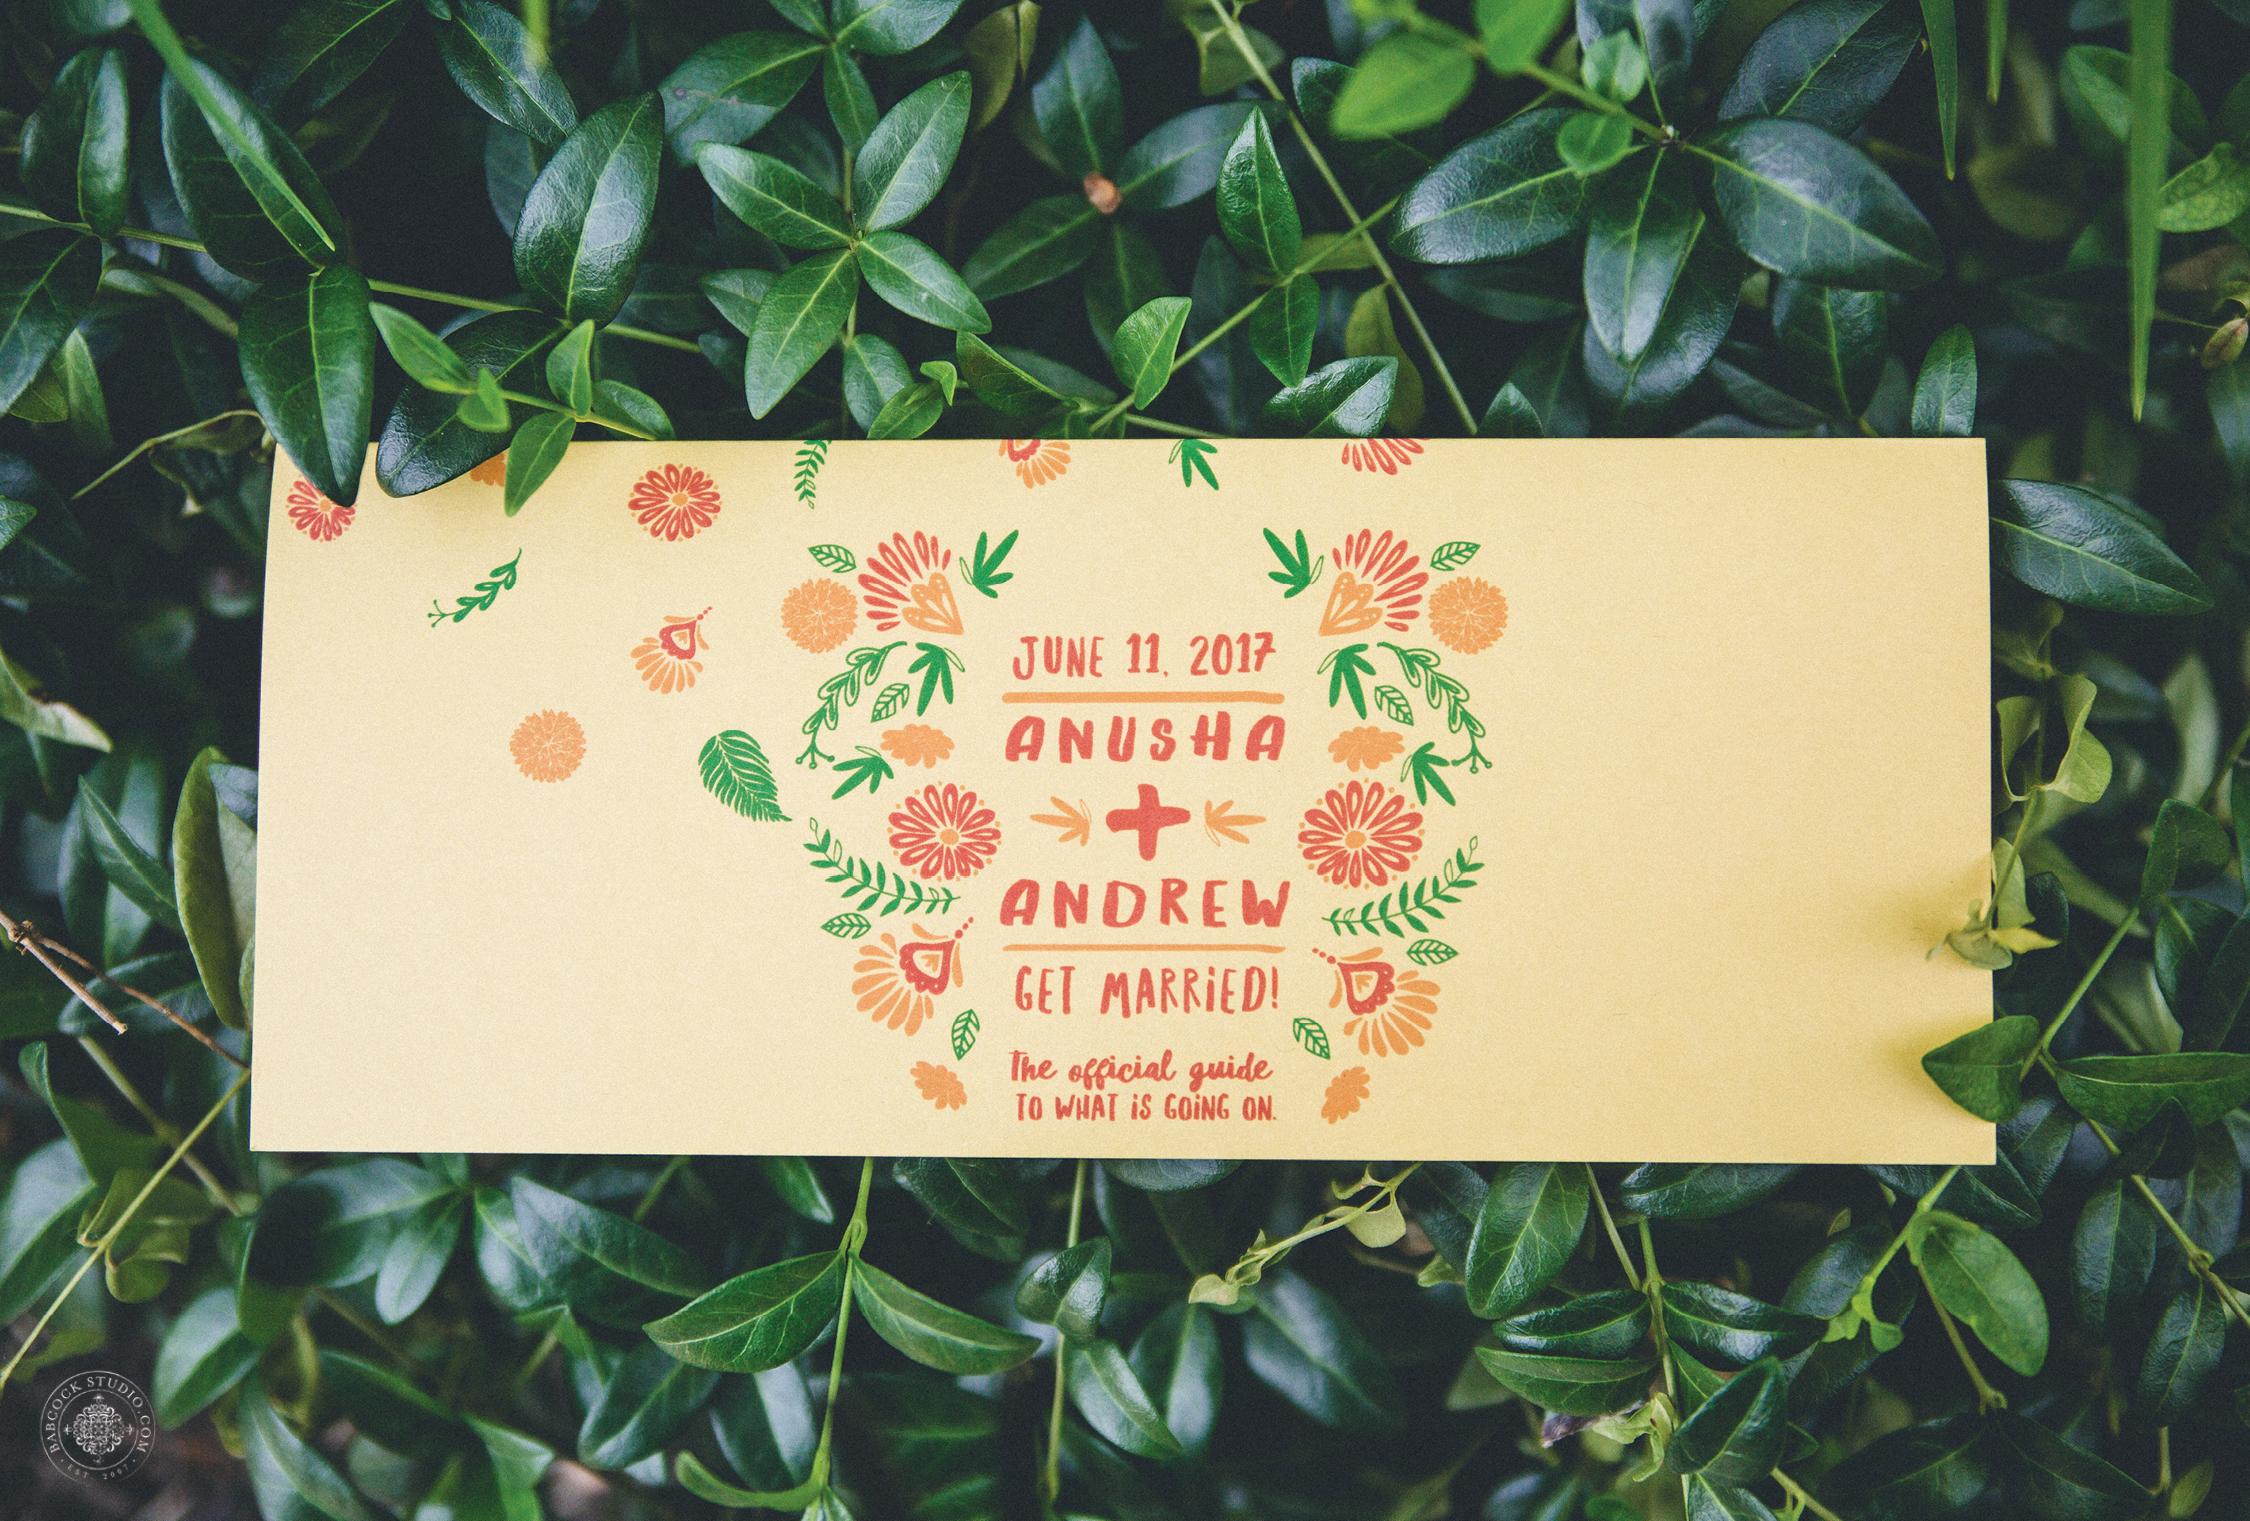 2anusha-andrew-indian-columbus-wedding-photographer-dayton-ohio-.jpg